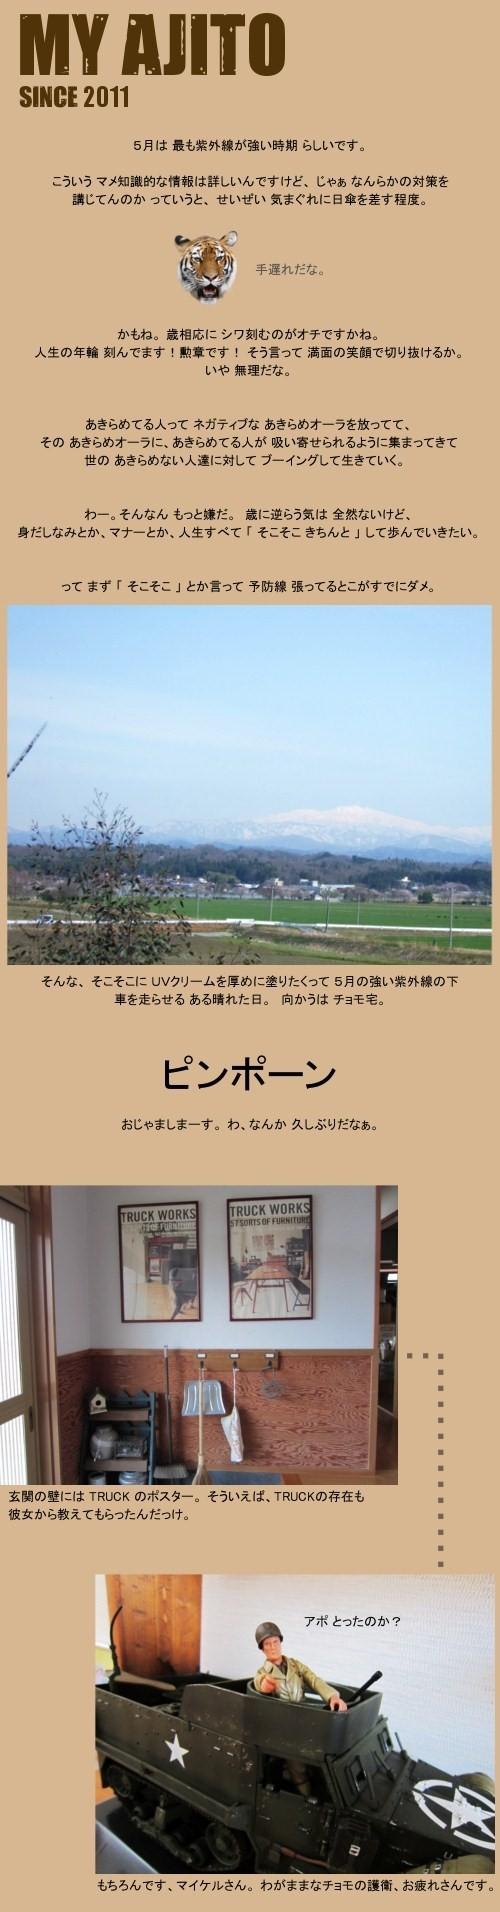 chomo_deni_01.jpg